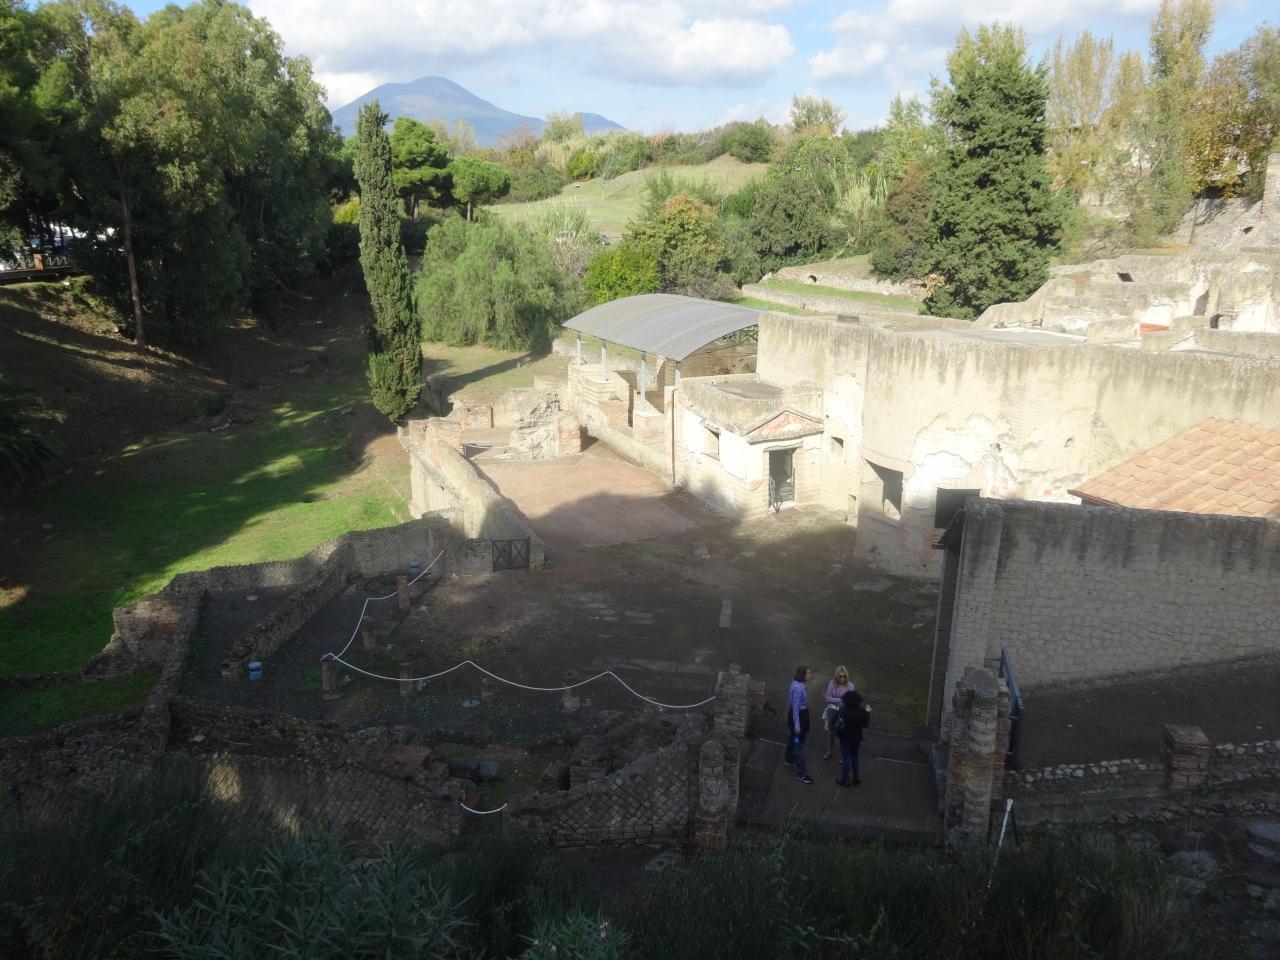 ポンペイ、ヘルクラネウム及びトッレ・アンヌンツィアータの遺跡地域の画像 p1_28